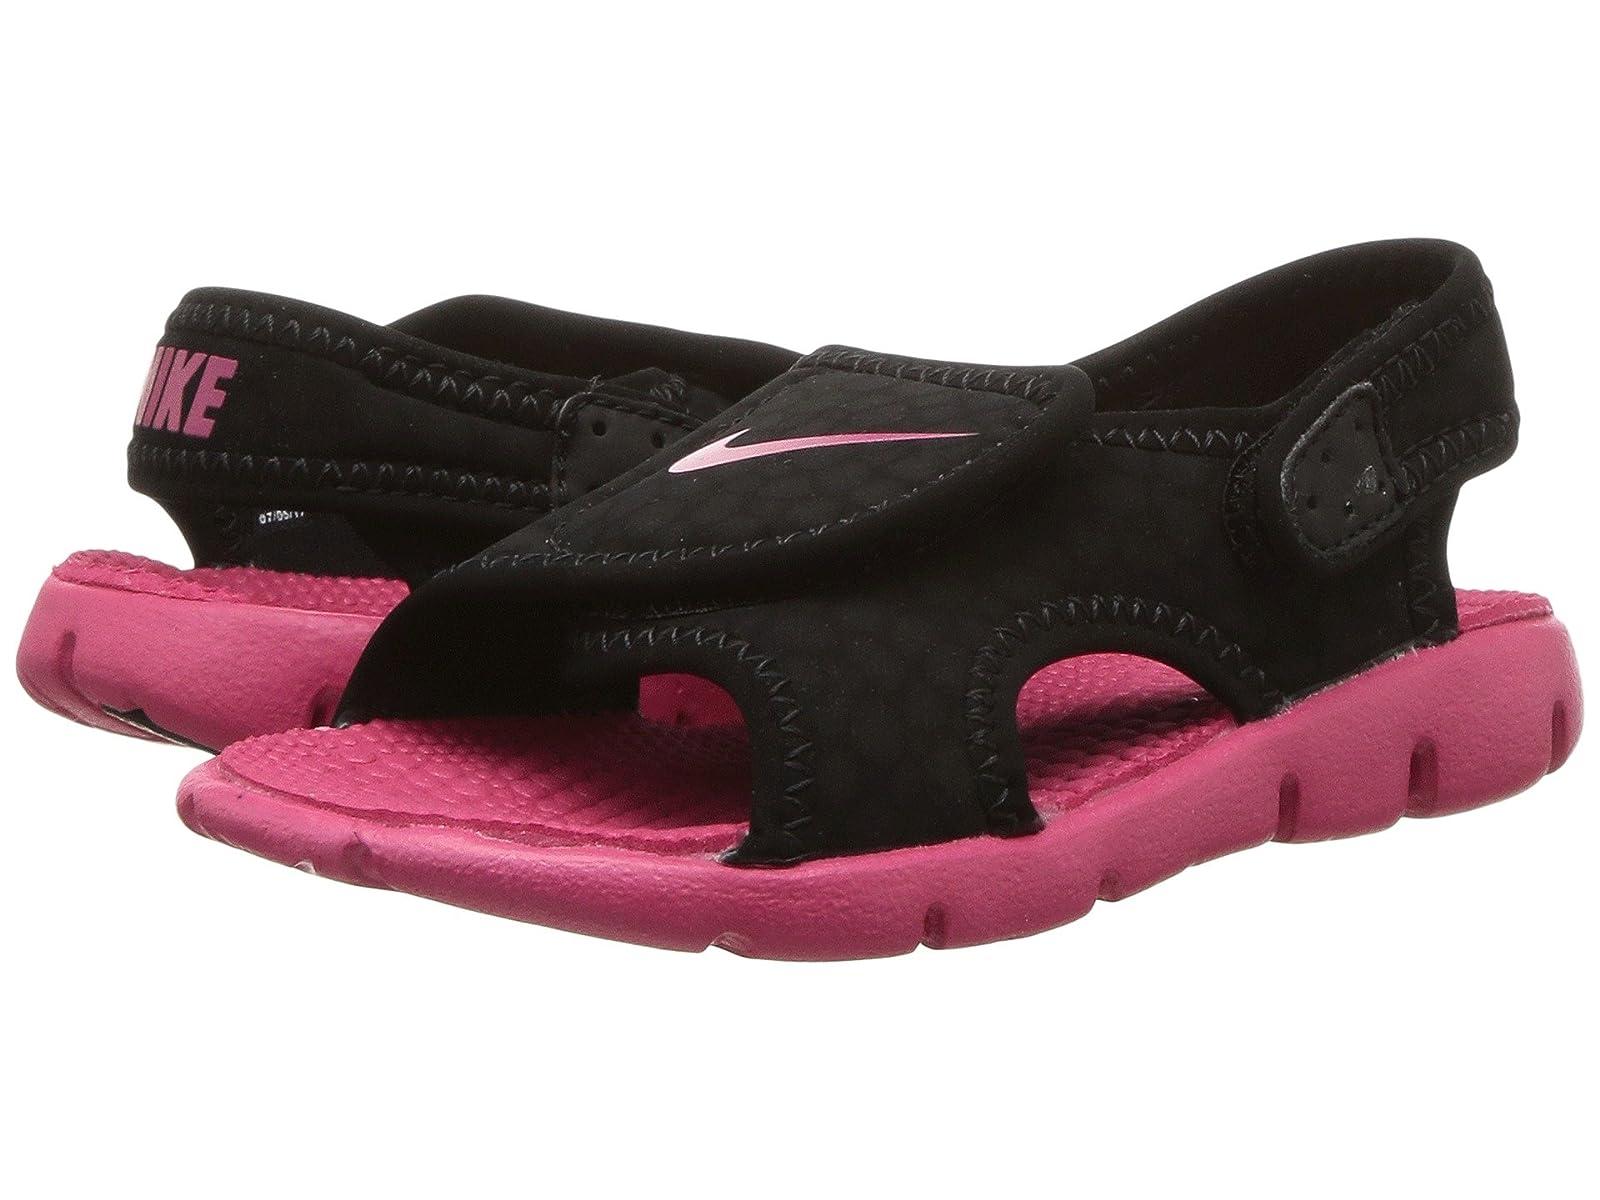 Nike Kids Sunray Adjust 4 (Infant/Toddler)Atmospheric grades have affordable shoes